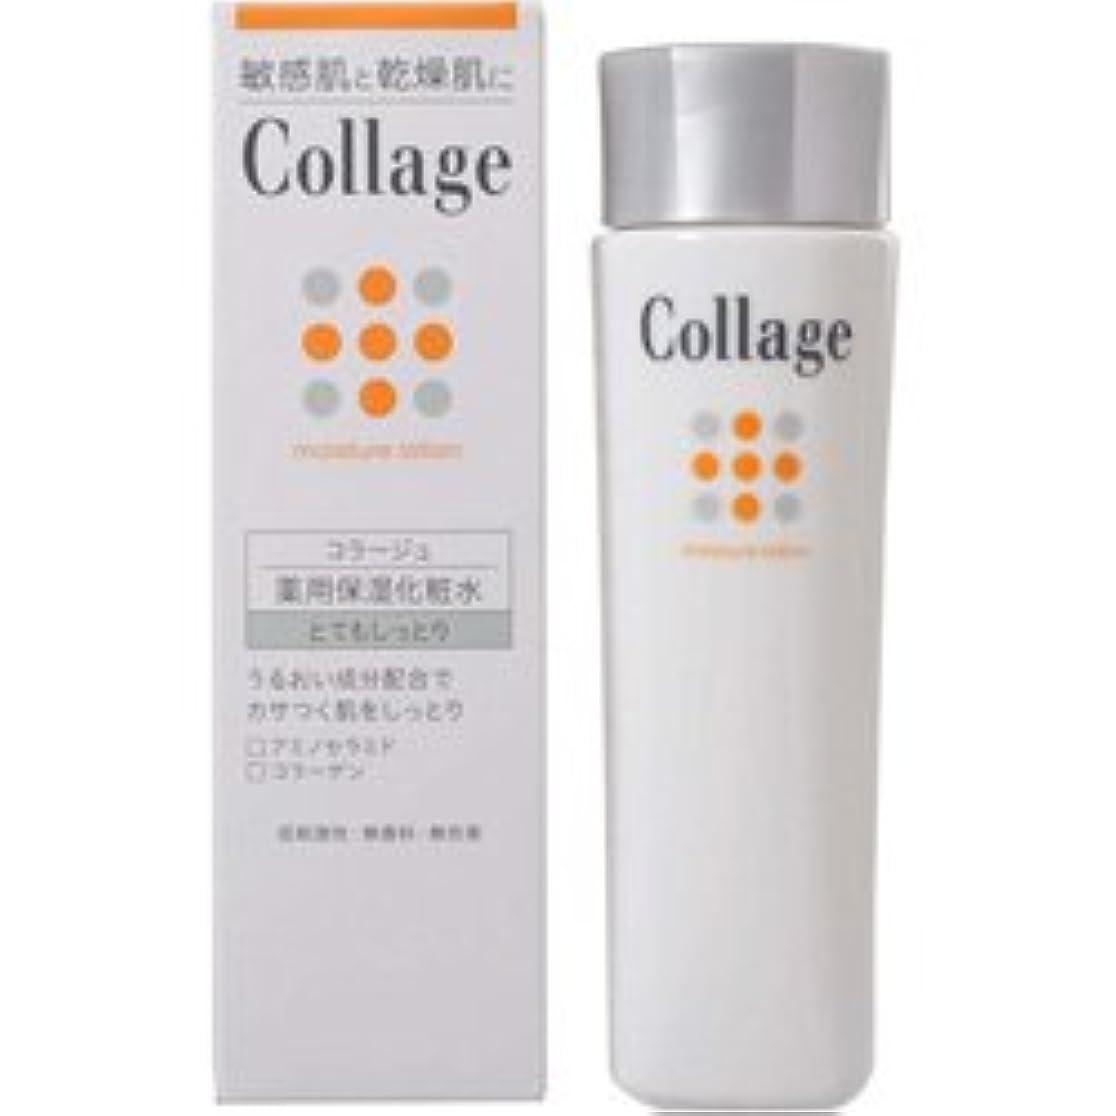 によって哺乳類コントラスト【持田ヘルスケア】 コラージュ薬用保湿化粧水 とてもしっとり 120ml (医薬部外品) ×3個セット